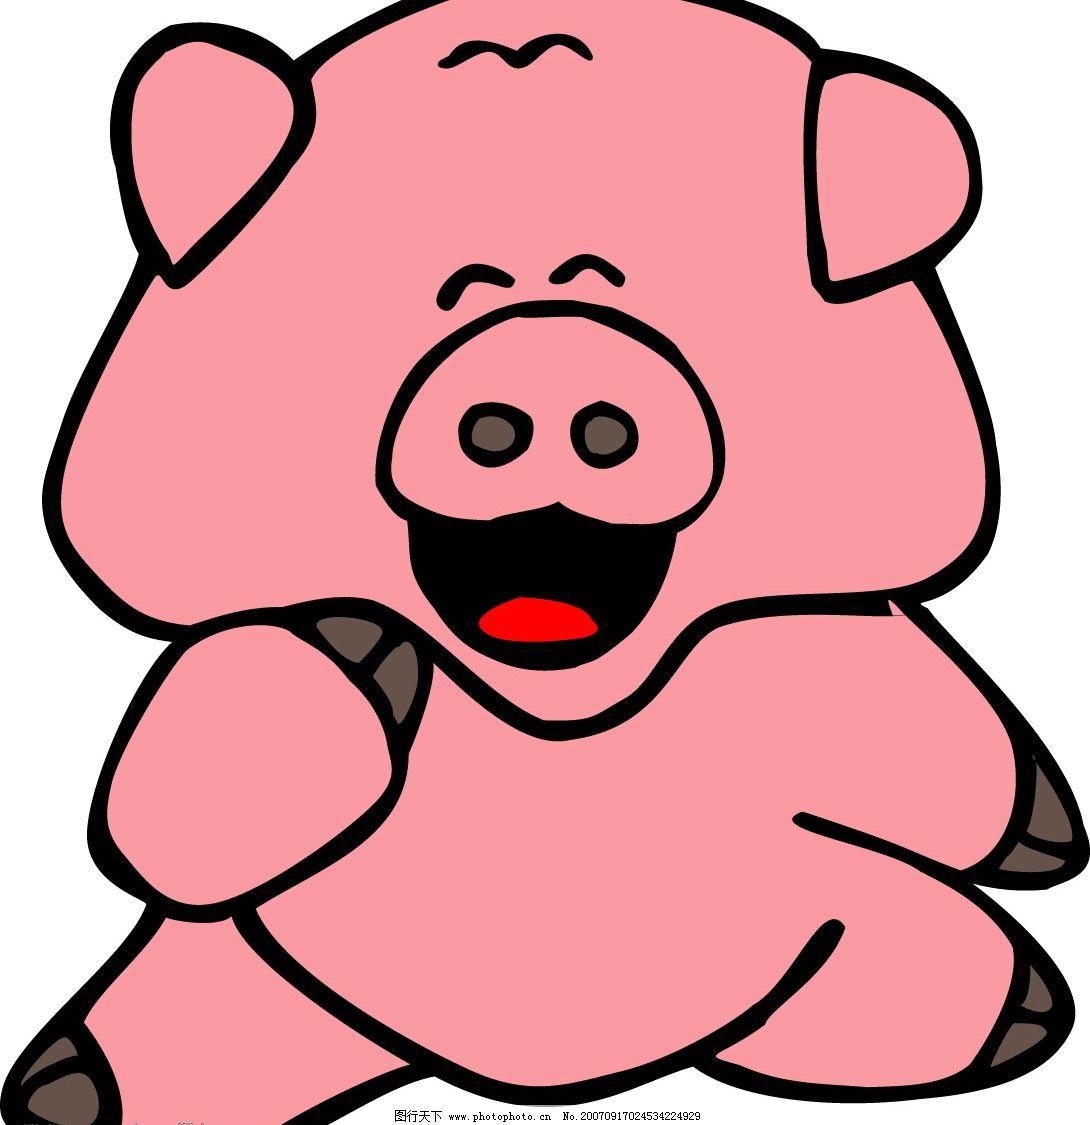 卡通野猪 猪的矢量图 矢量猪 卡通猪 猪的漫画 漫画猪 猪的图片